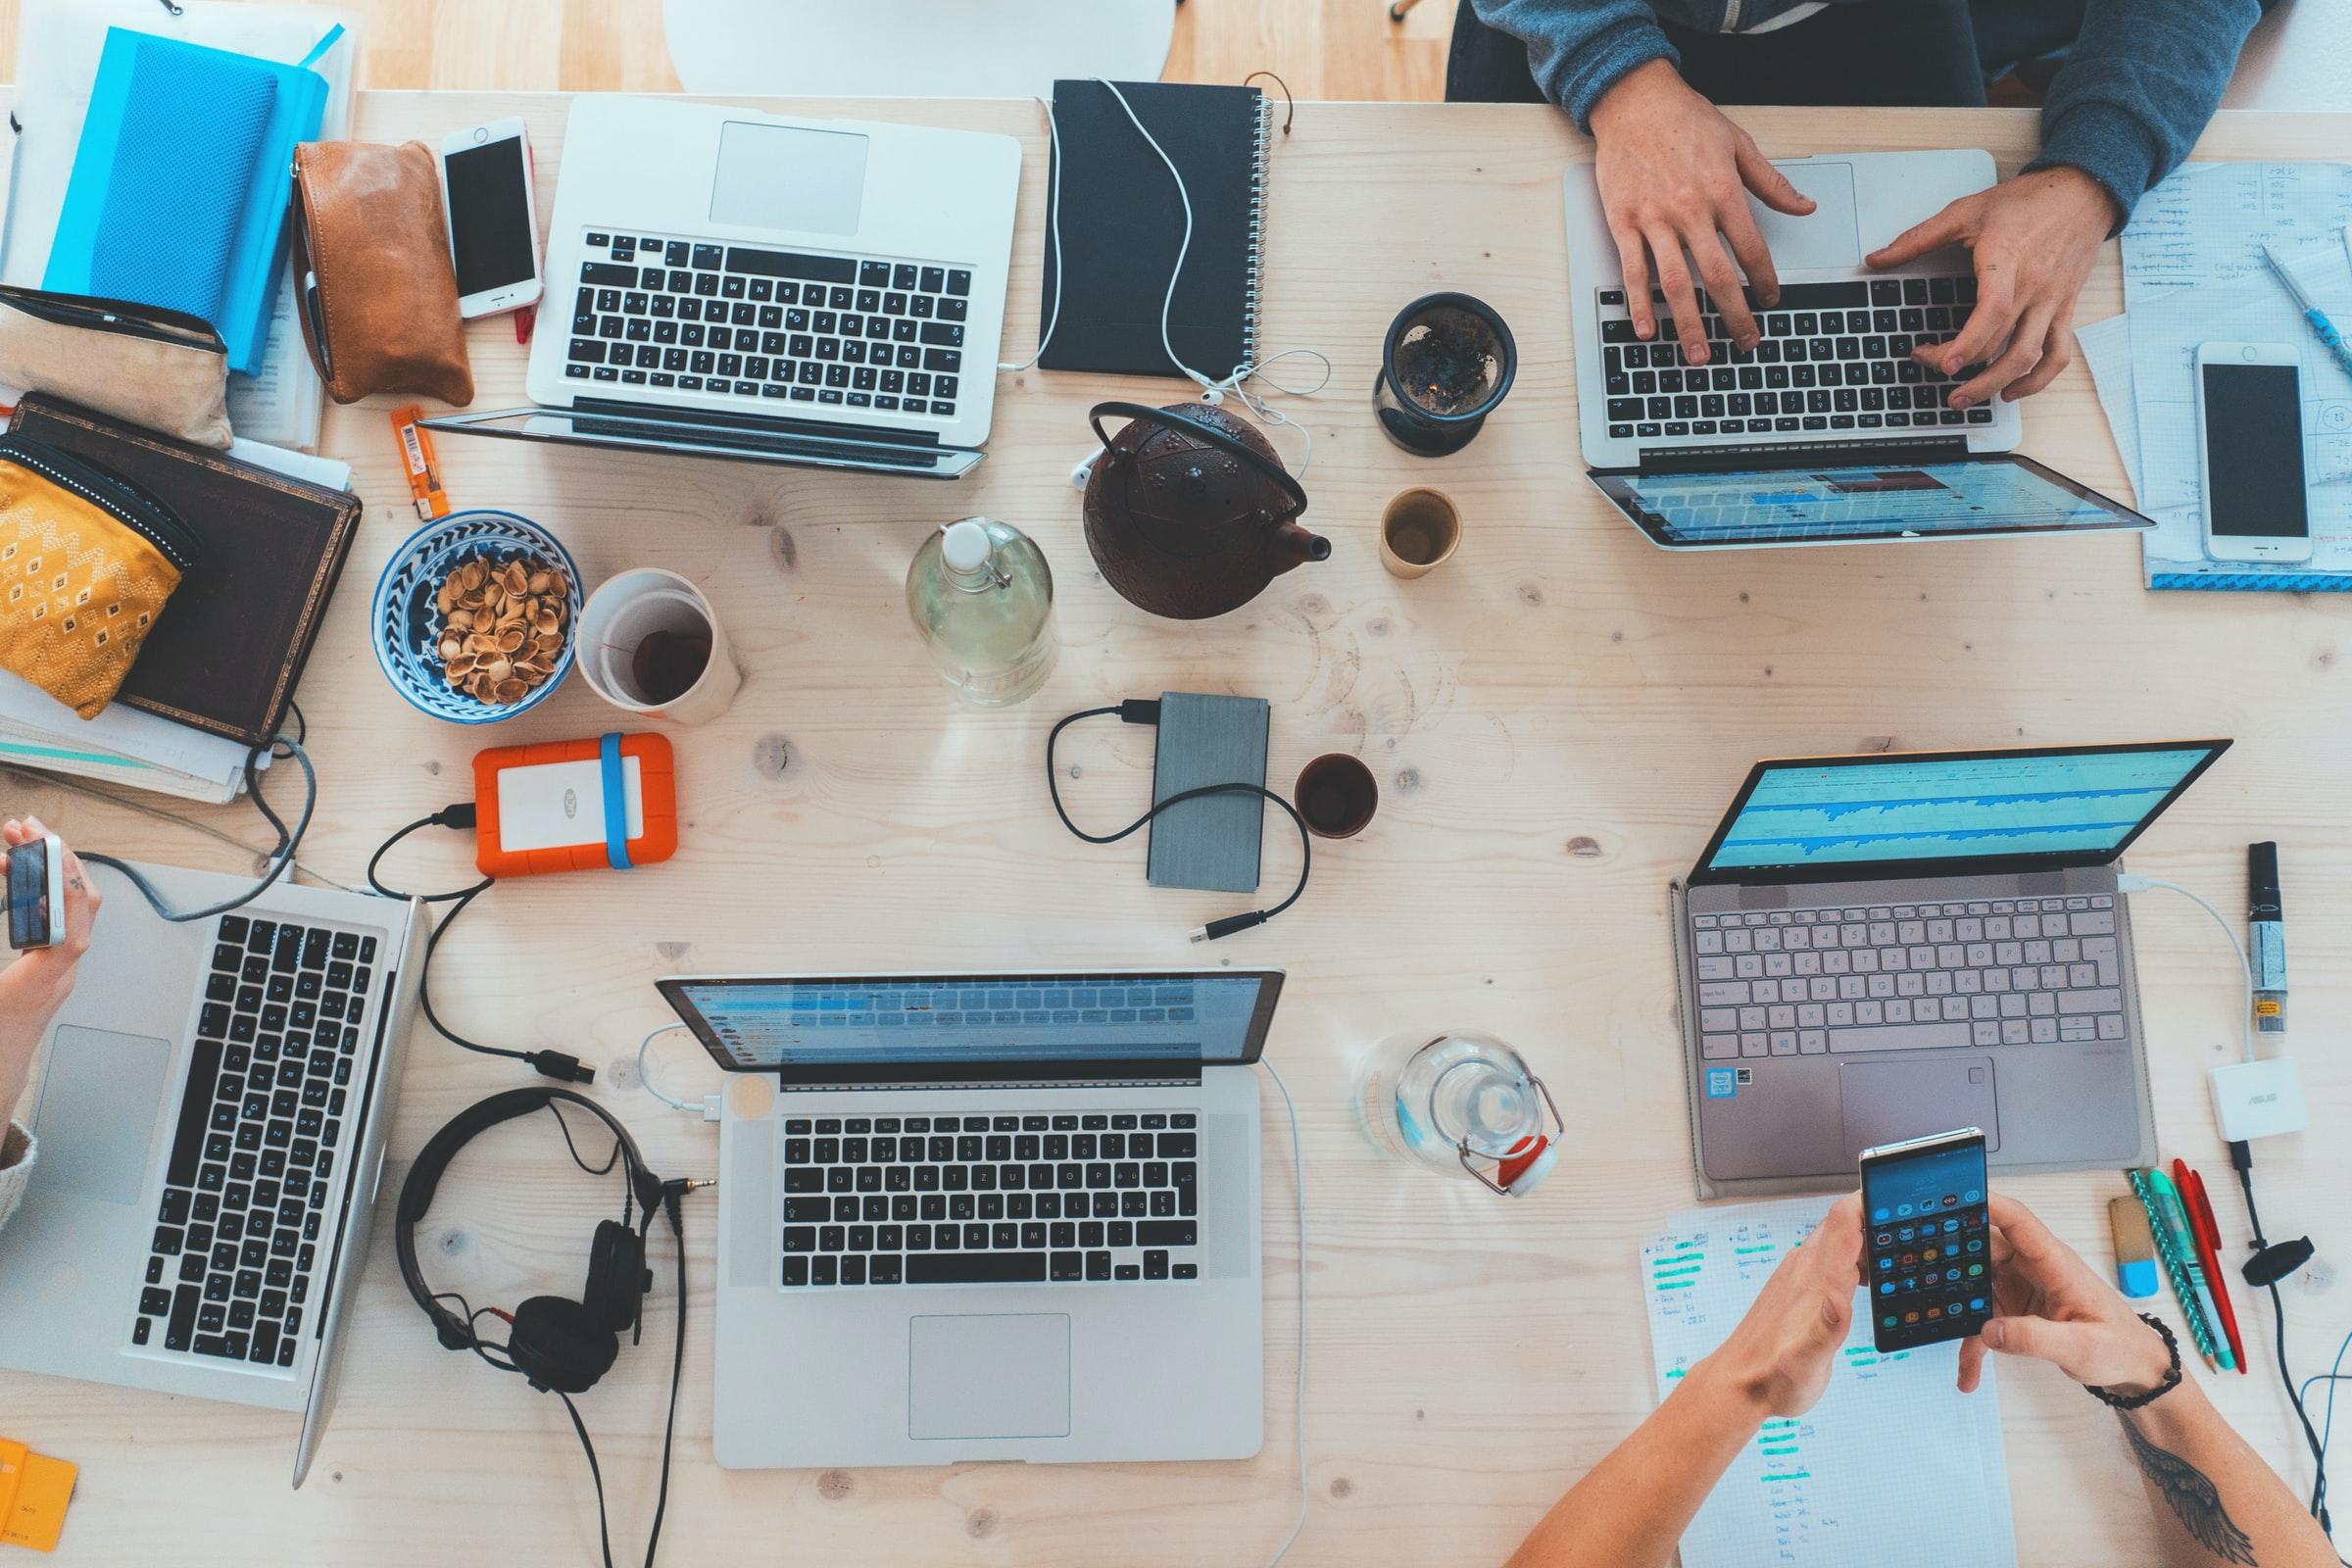 datorer och tillbehör på konferensbord